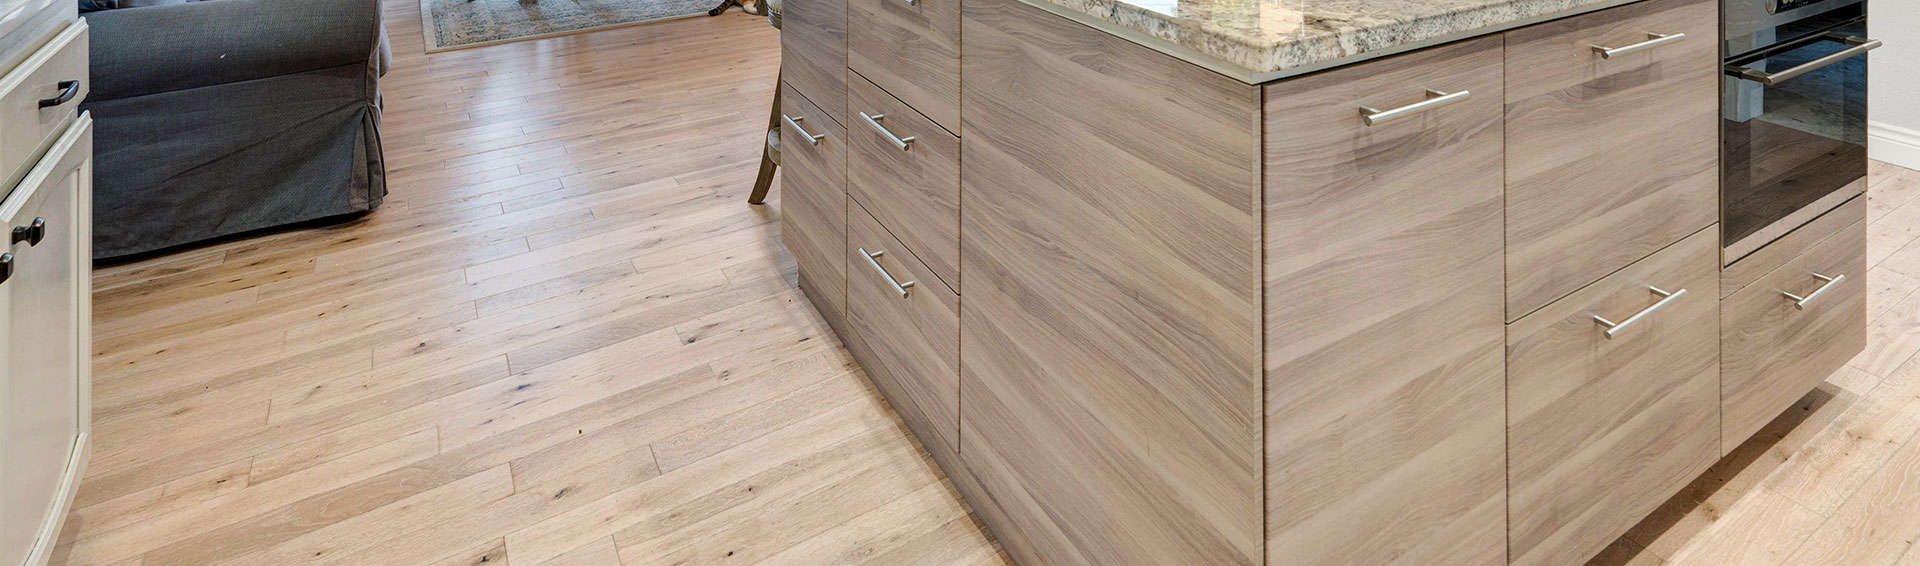 American-Oak-Furniture-01